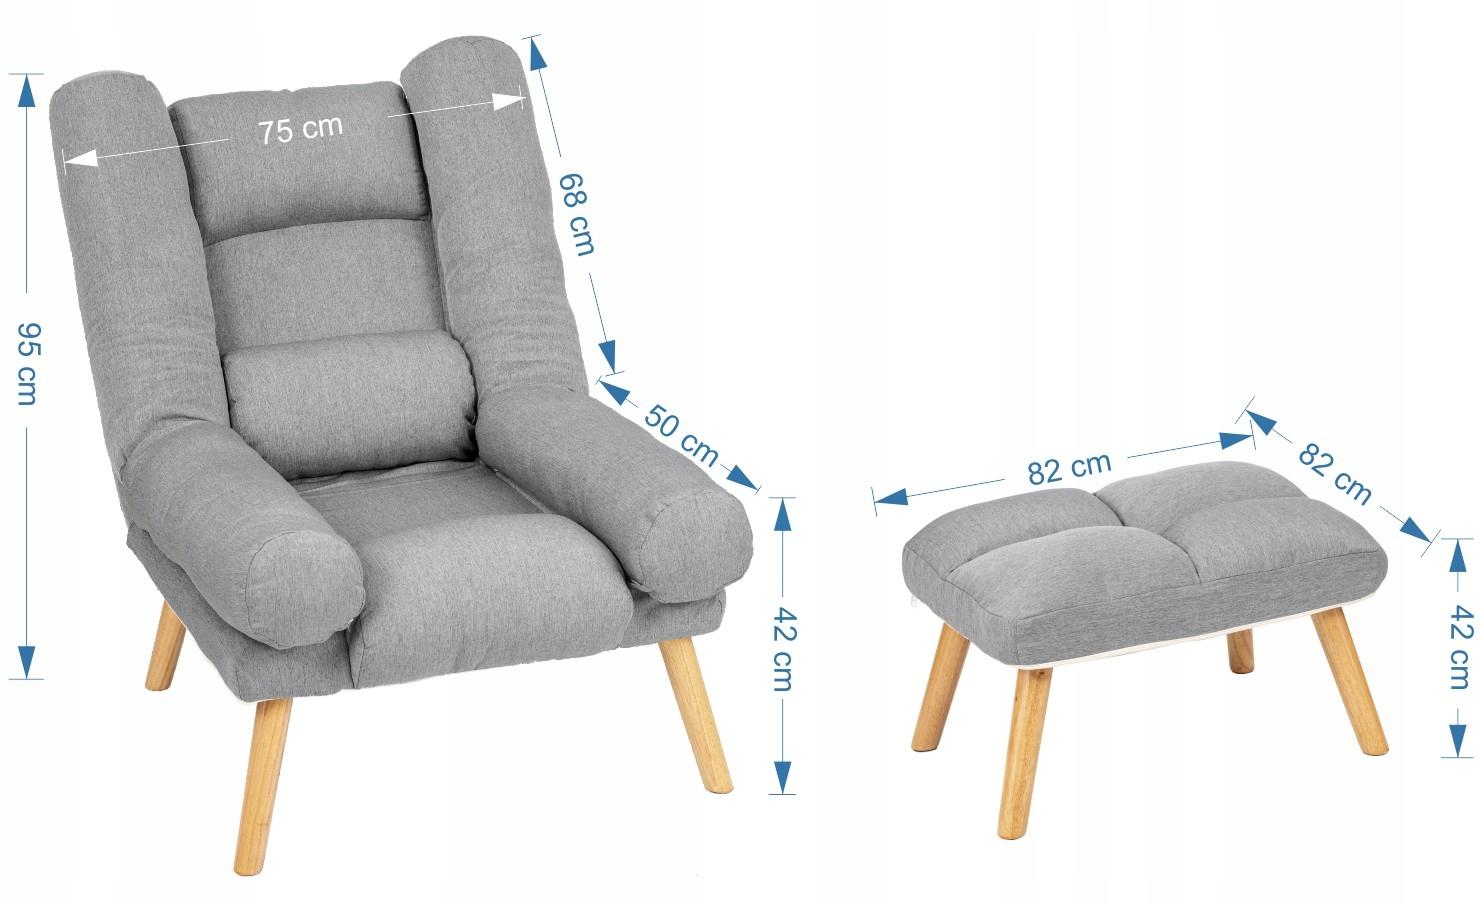 Fotel USZAK styl skandynawski SZARY z podnóżkiem Kolekcja 2020